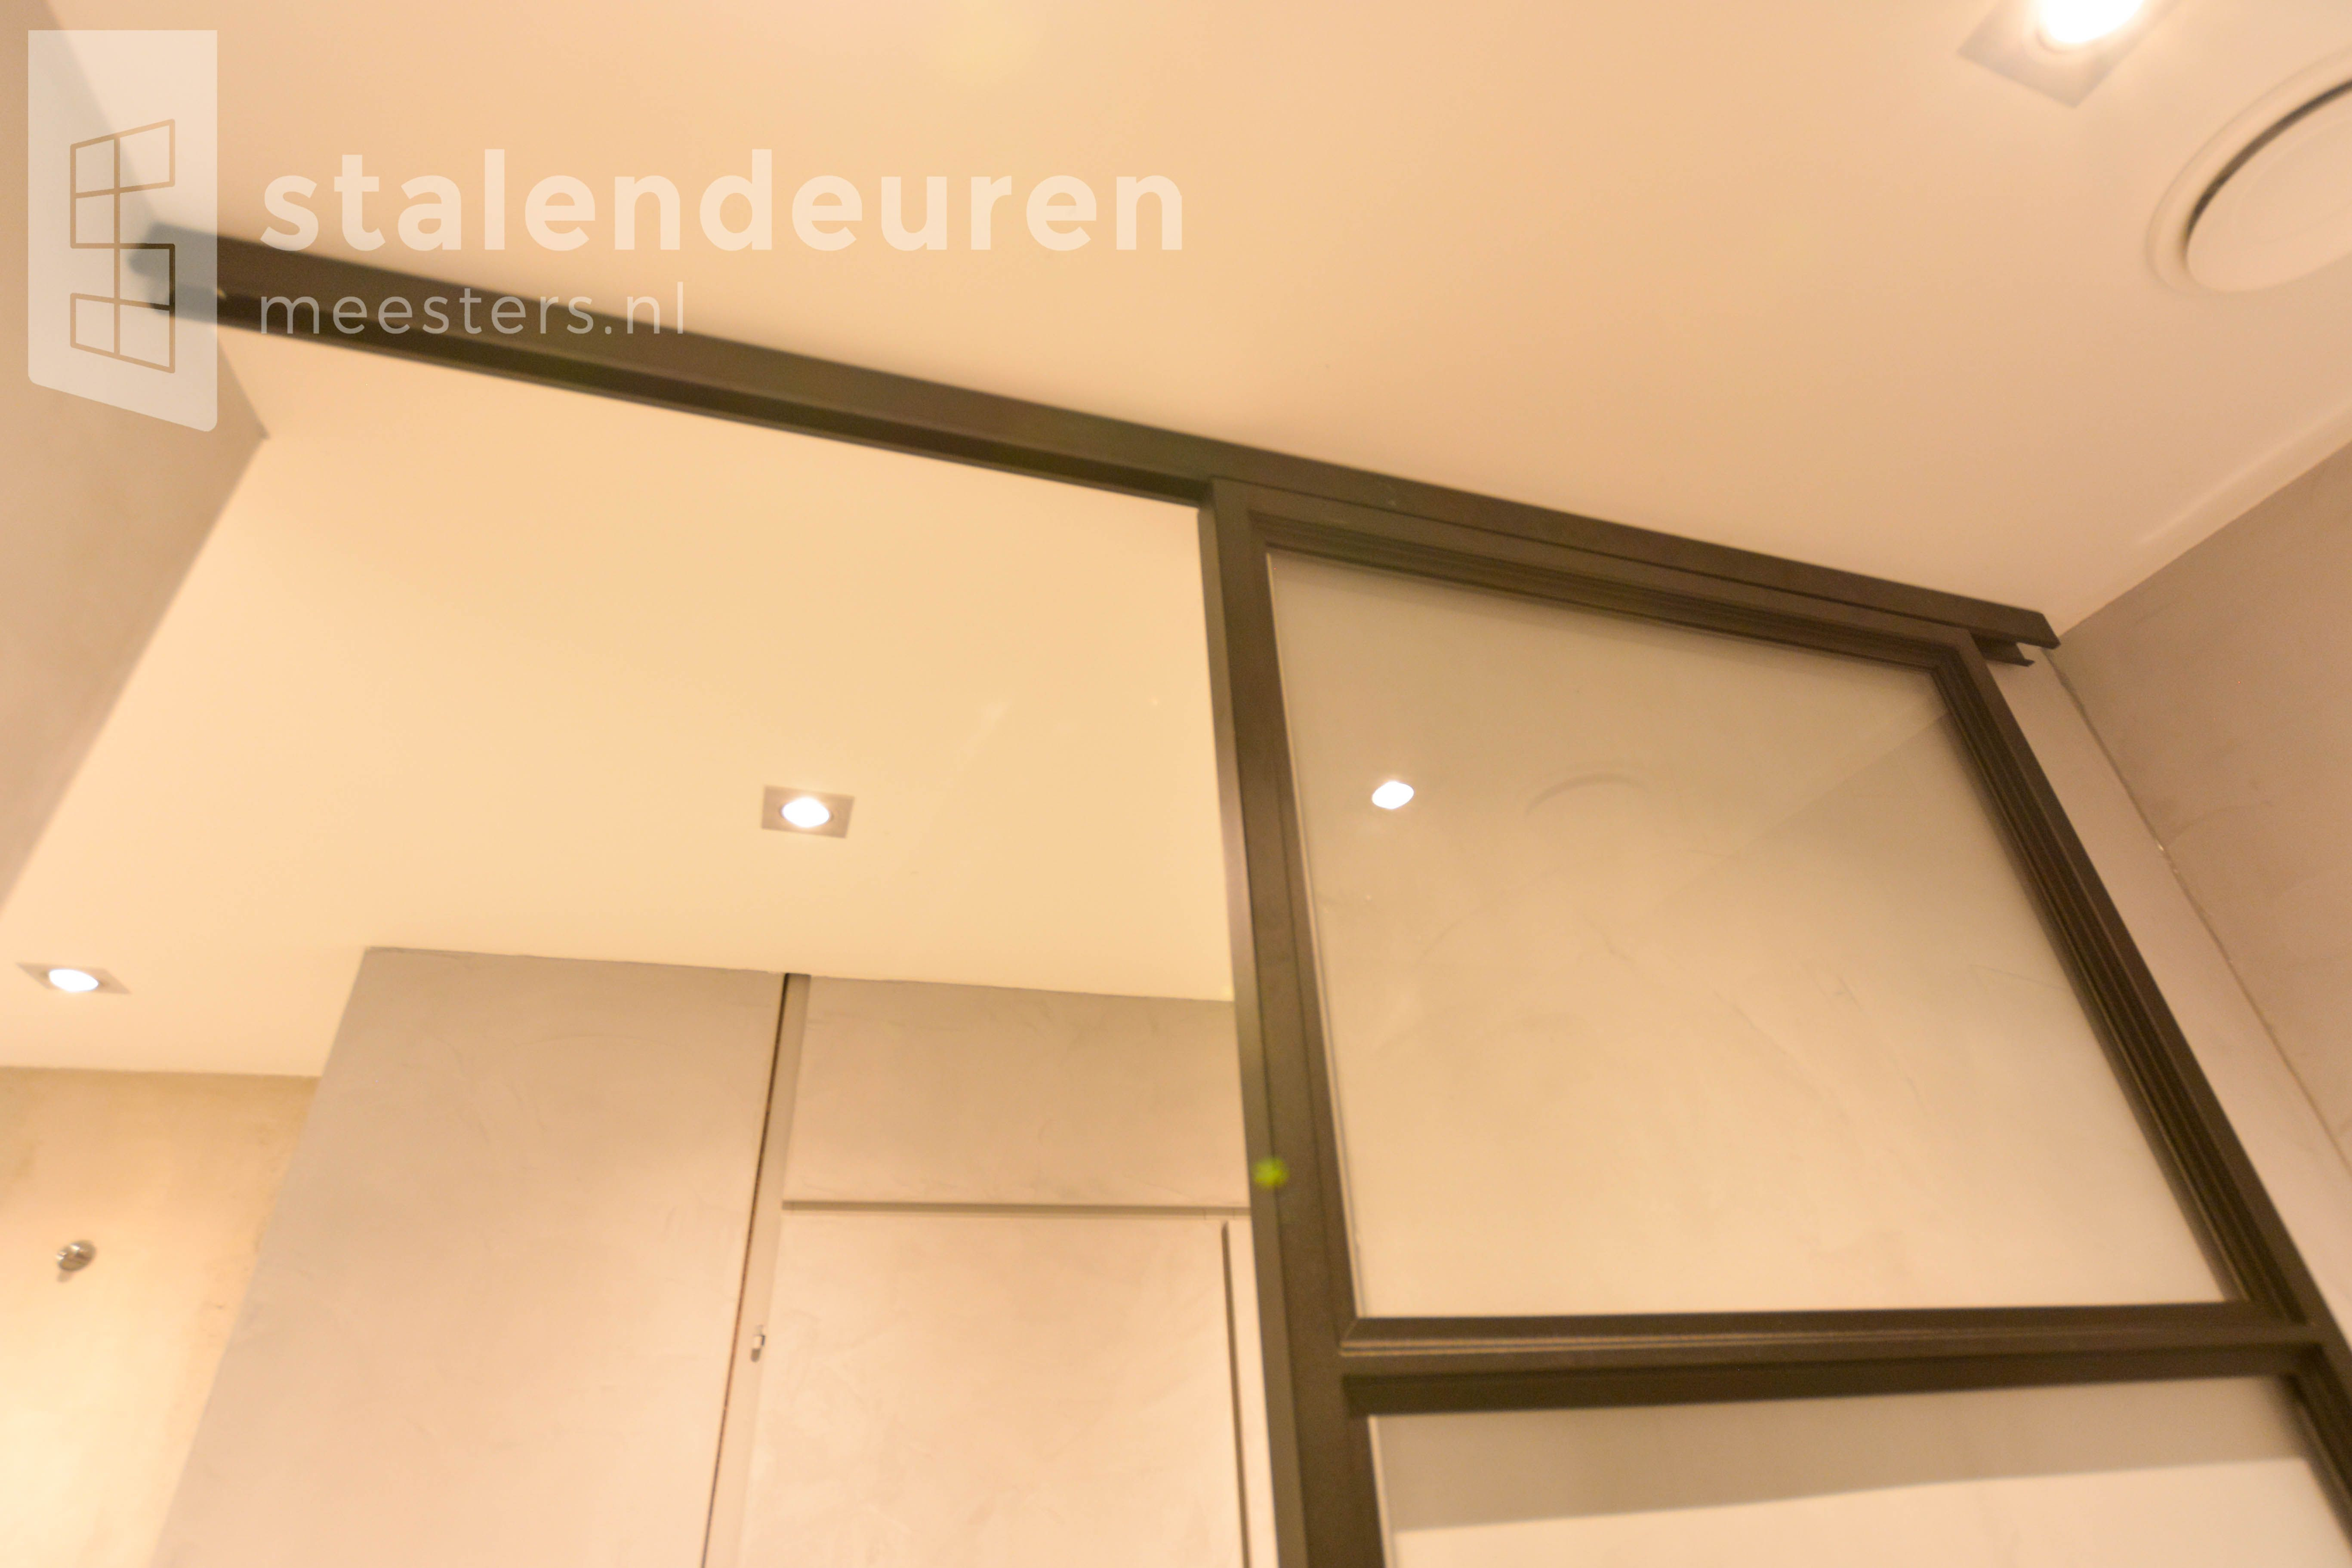 Schuifdeur Voor Badkamer : Het grote misverstand rond een schuifdeur doret schulkes